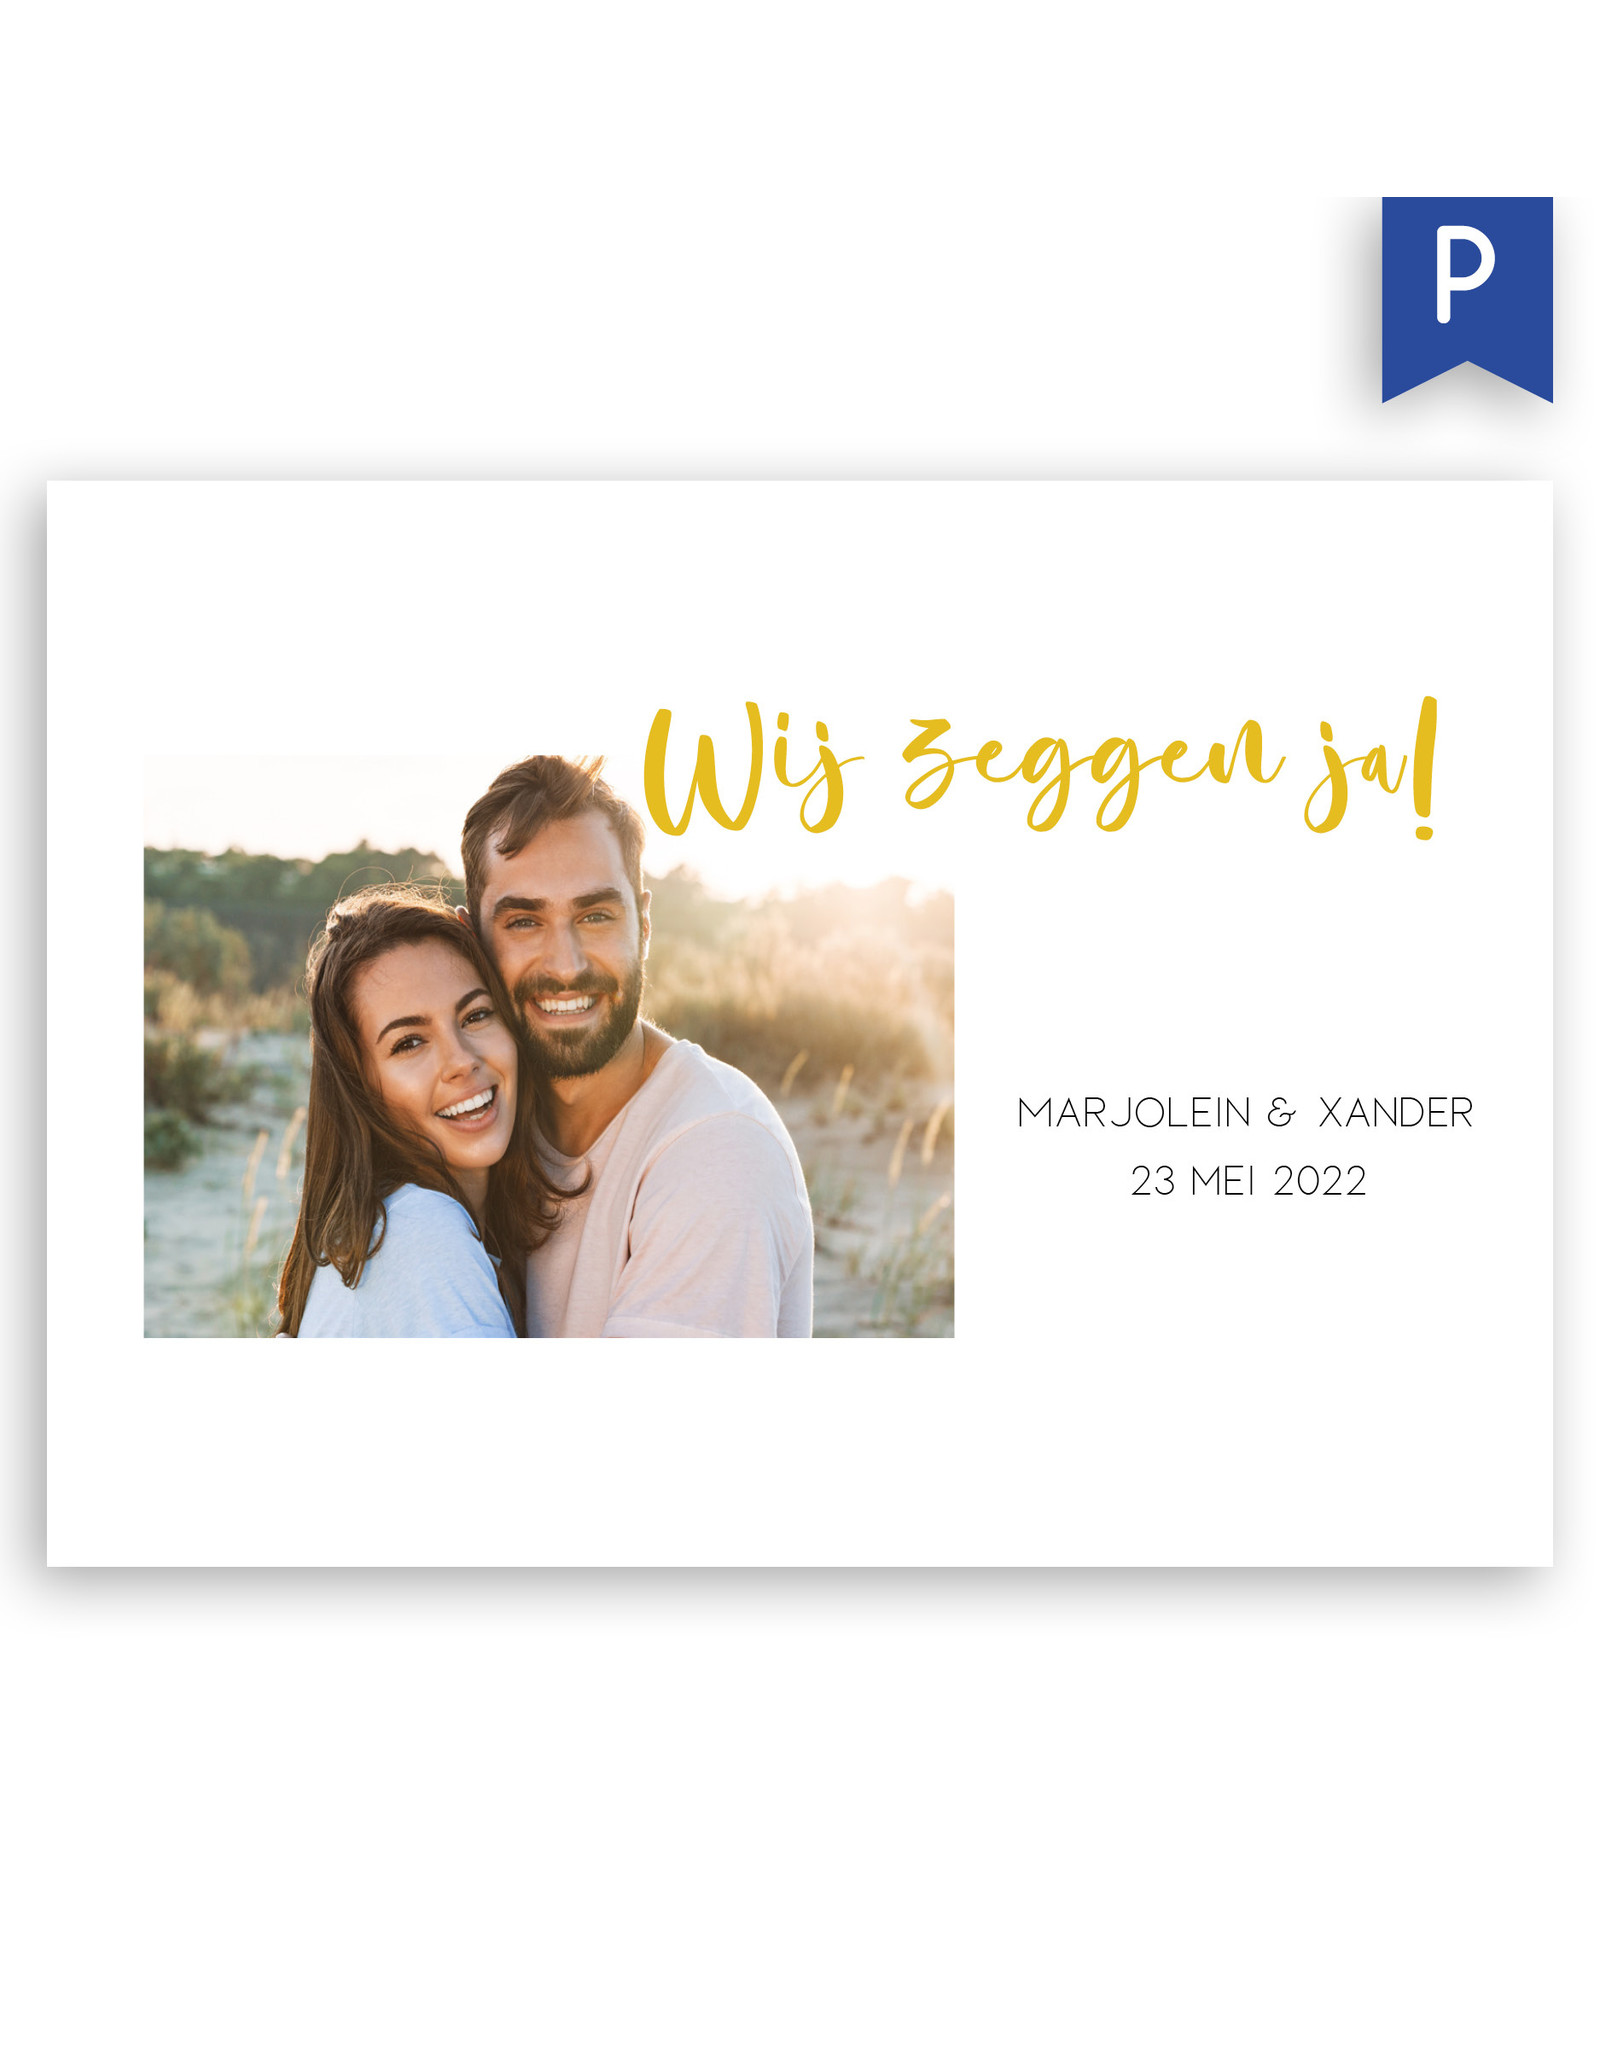 www.Robin.cards Trouwkaarten premium enkel rechthoek Marjolein en Xander